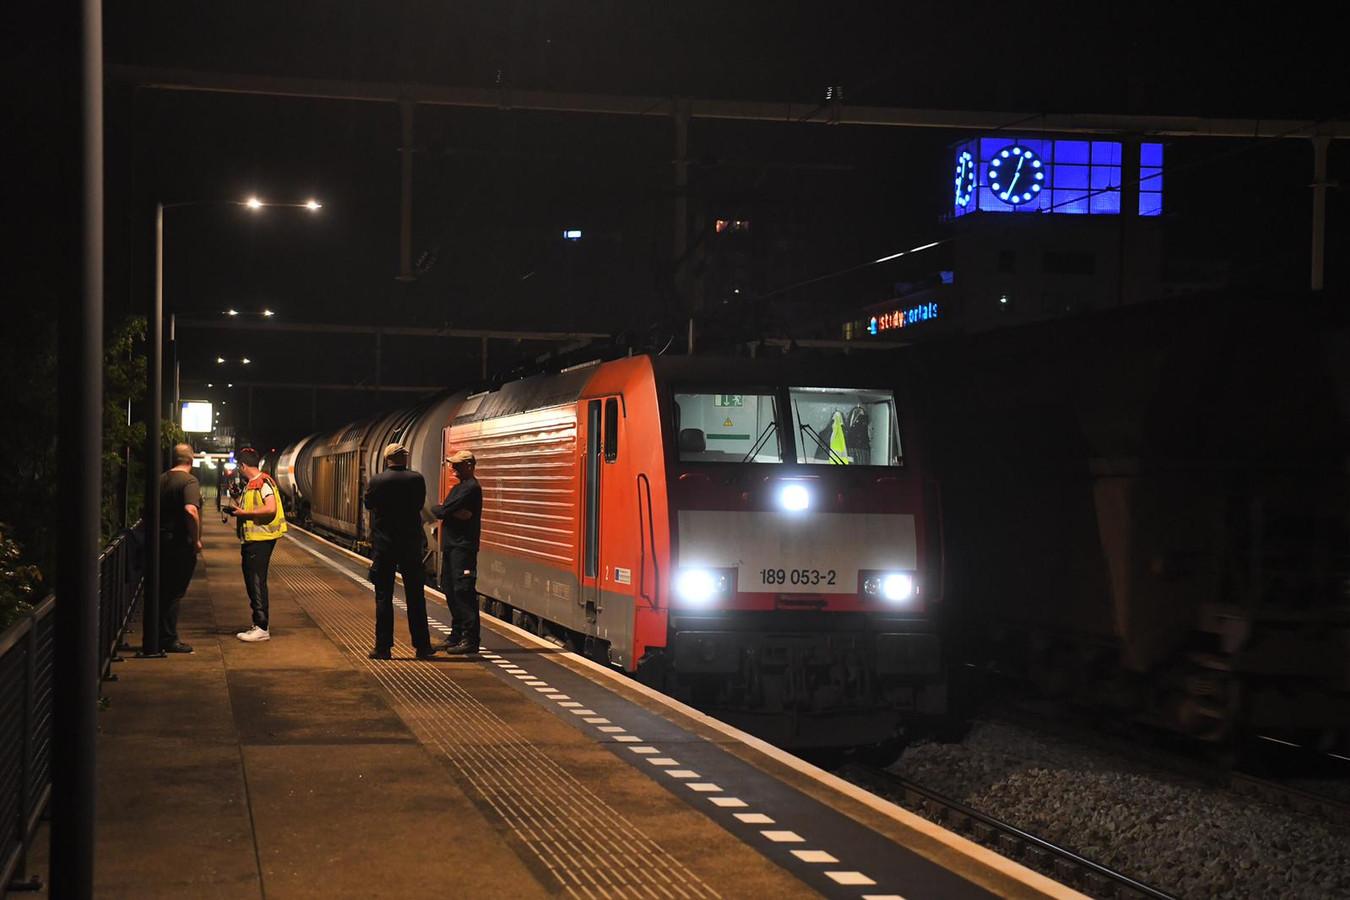 De goederentrein kwam iets verderop op het station tot stilstand.